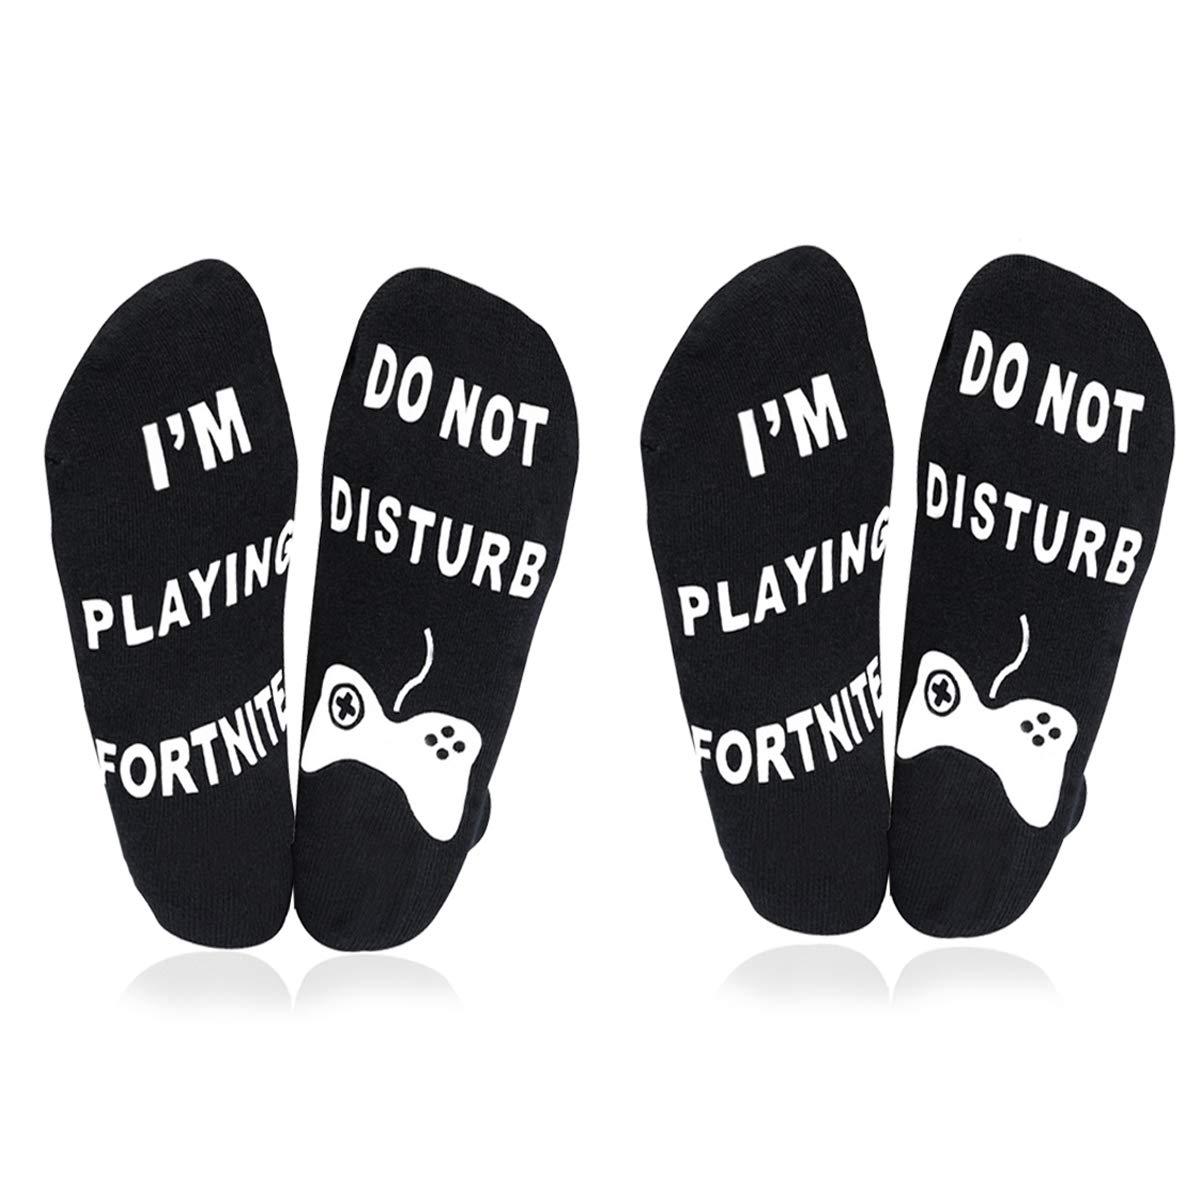 ATIMIGO 'Do Not Disturb' I'm Playing Fortnite' Funny Ankle Socks for Men Kids Boys- Great Gamer Gift For Fornite Lovers (2 pair black)